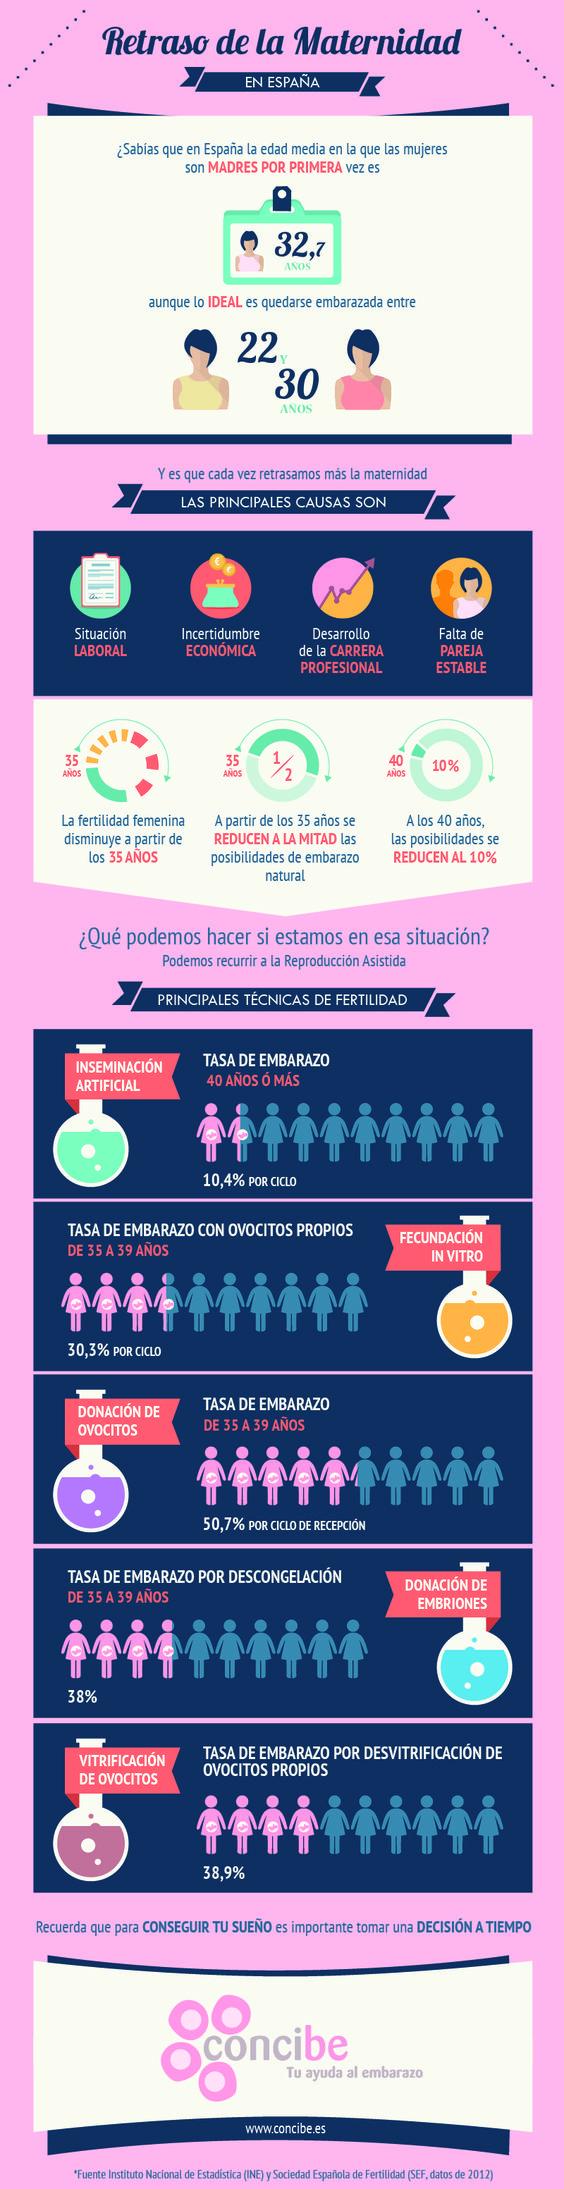 información de fertilidad e infertilidad (7)